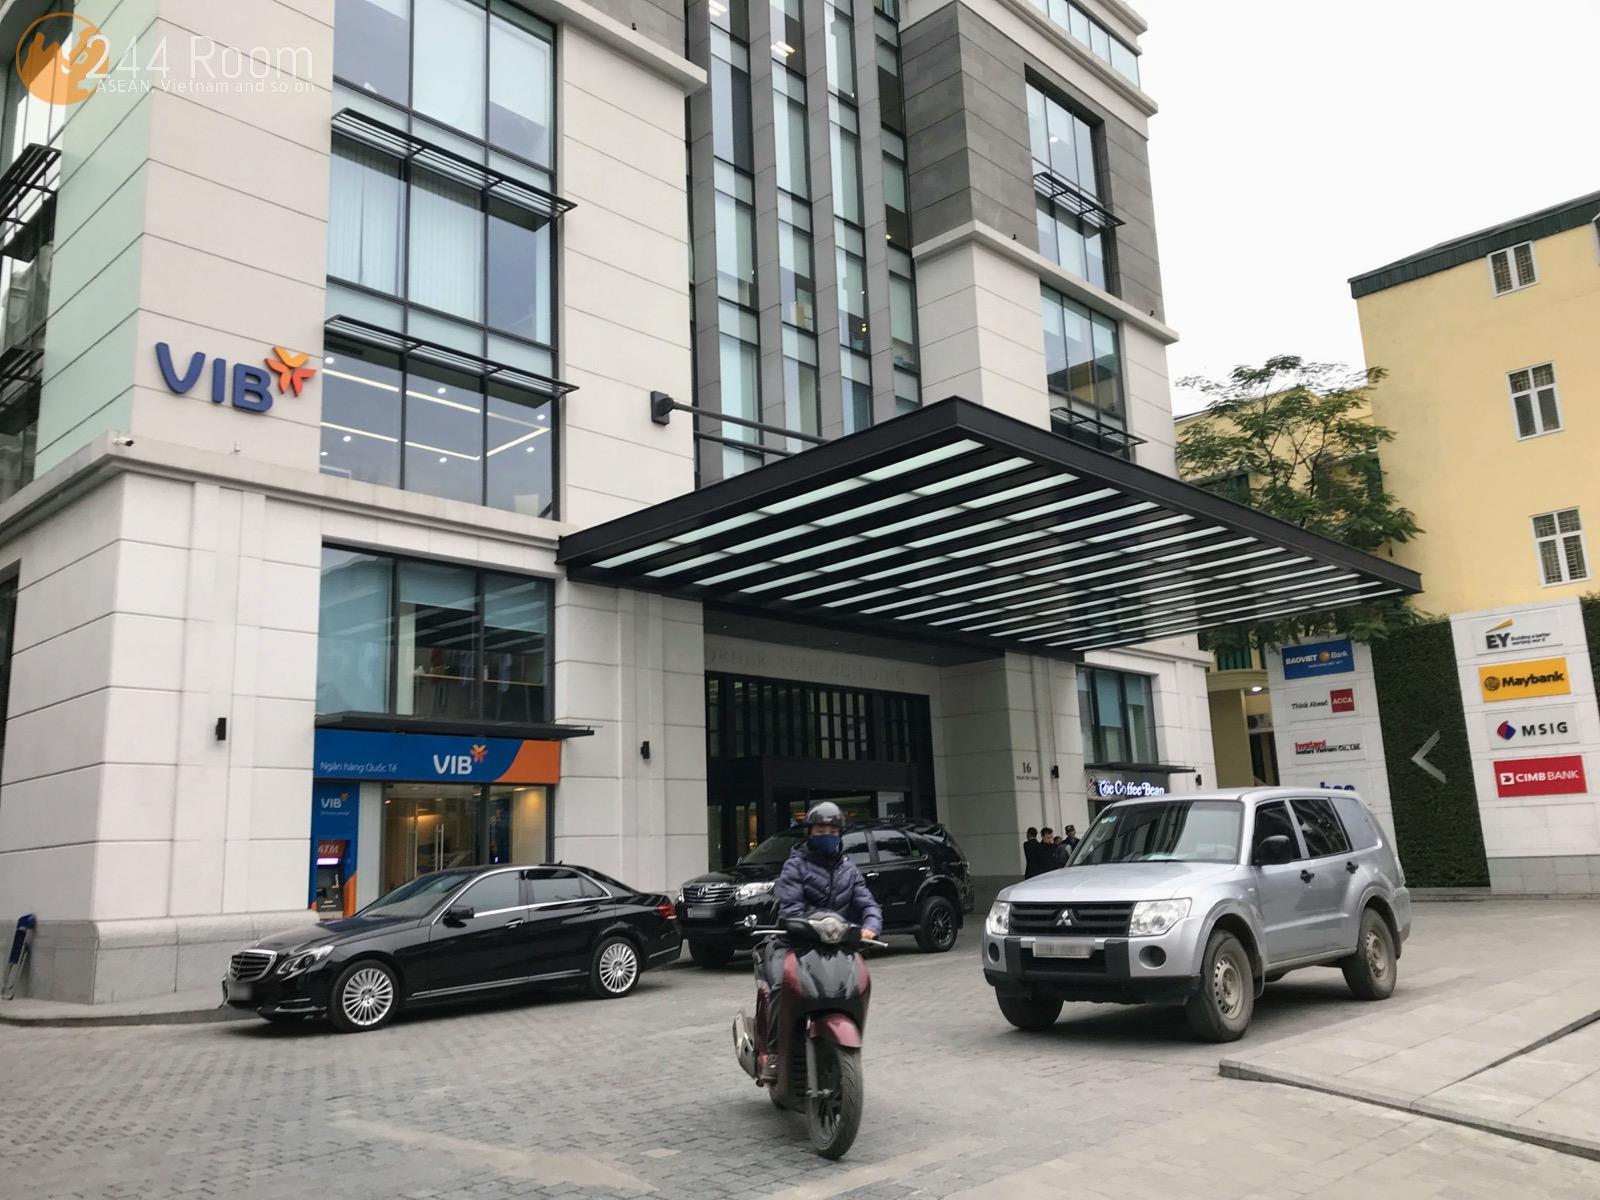 Corner-stone-building-hanoi コーナーストーンビルディング2